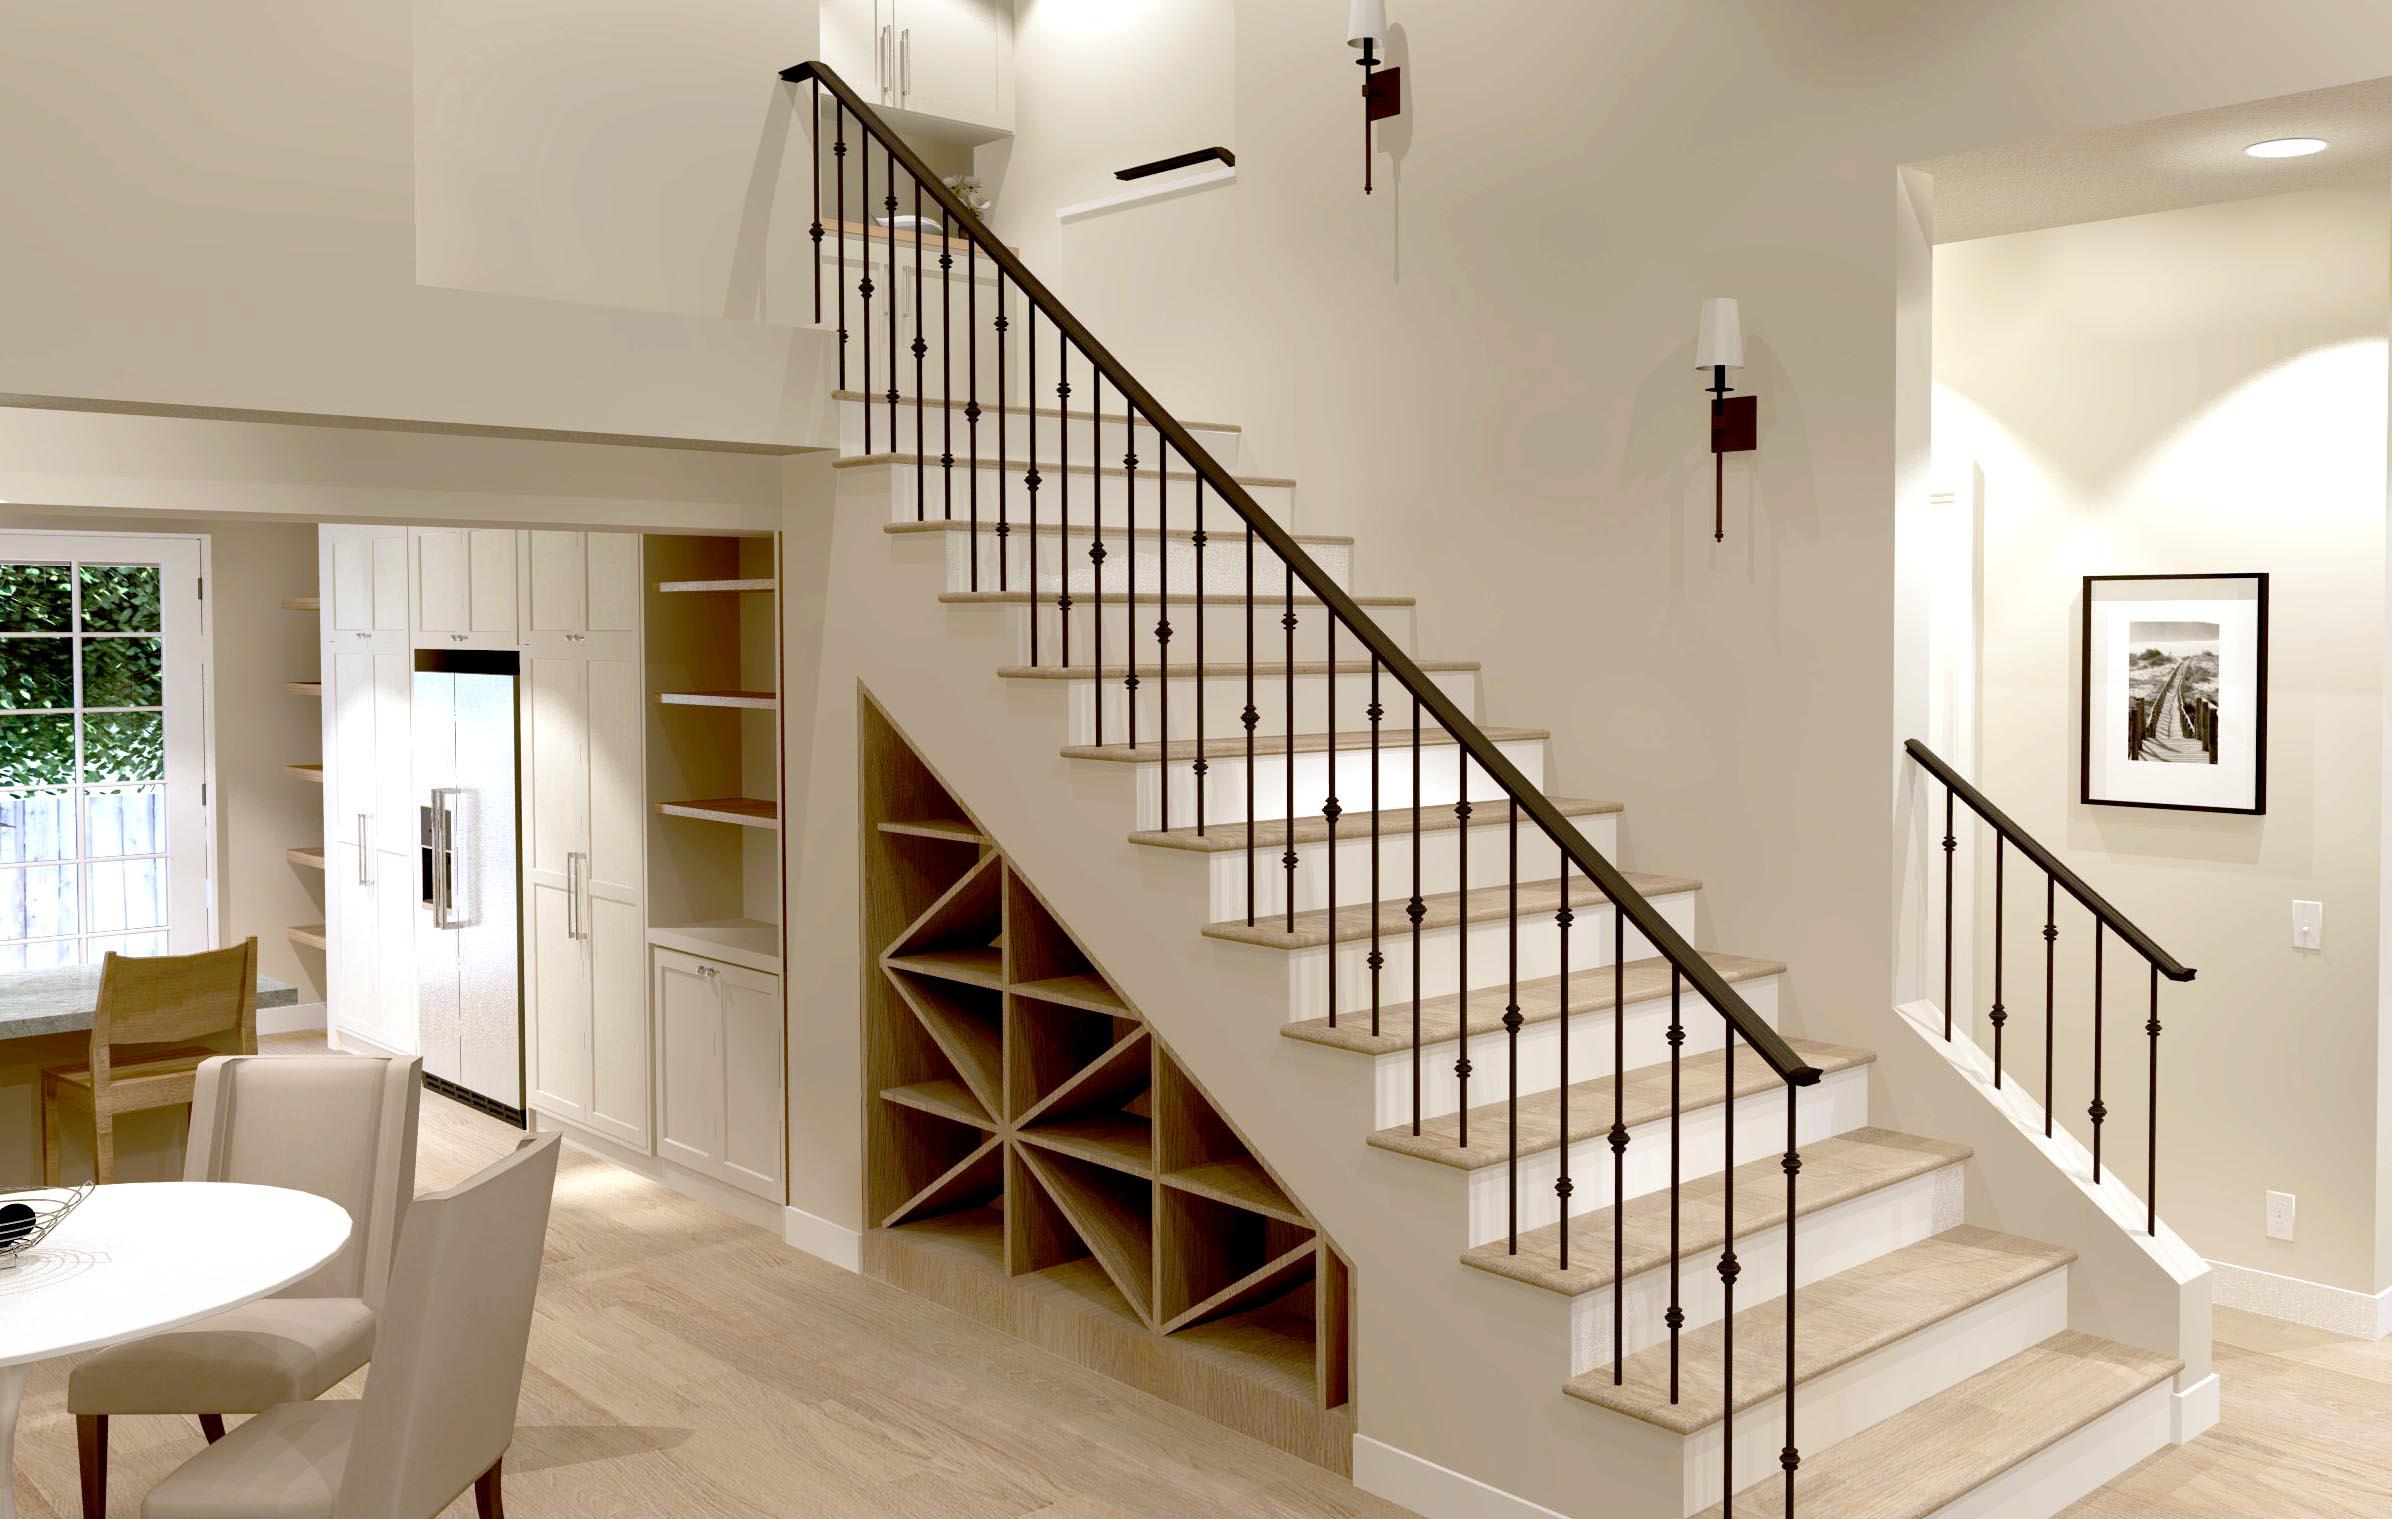 Herwaldt+stairs.jpg